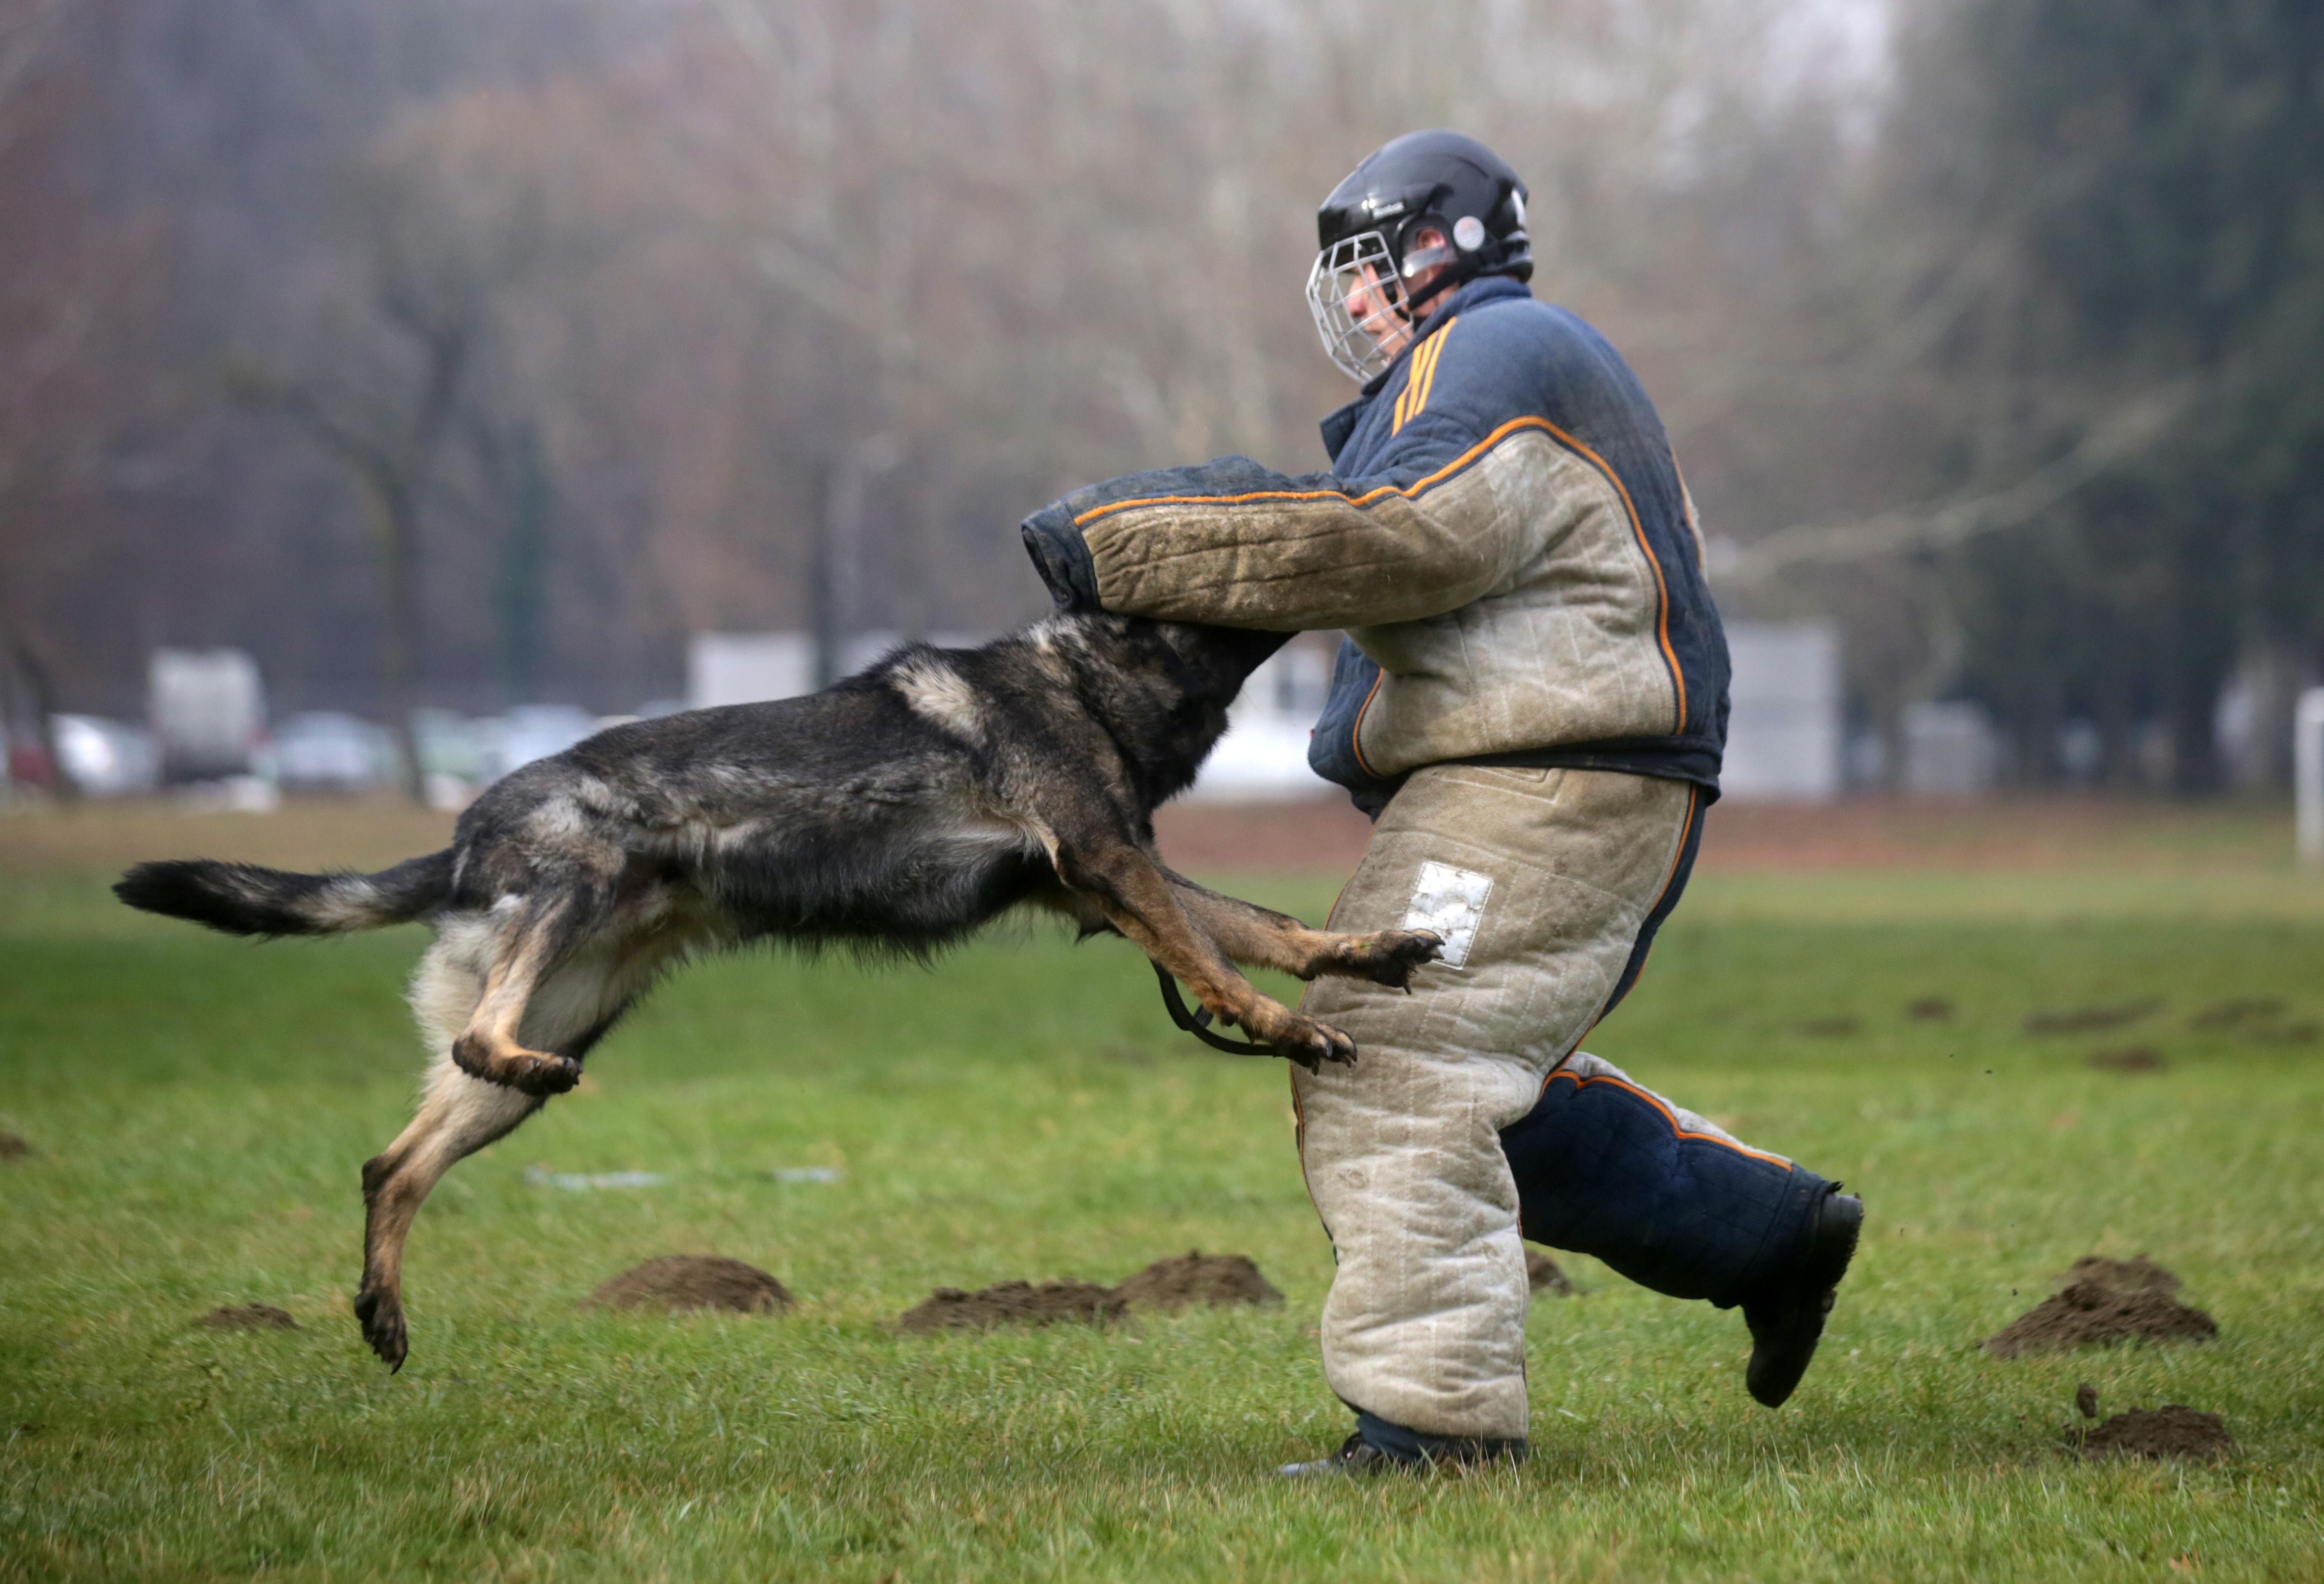 MUP kupuje pse koji mogu zamijeniti do 30 policijskih službenika